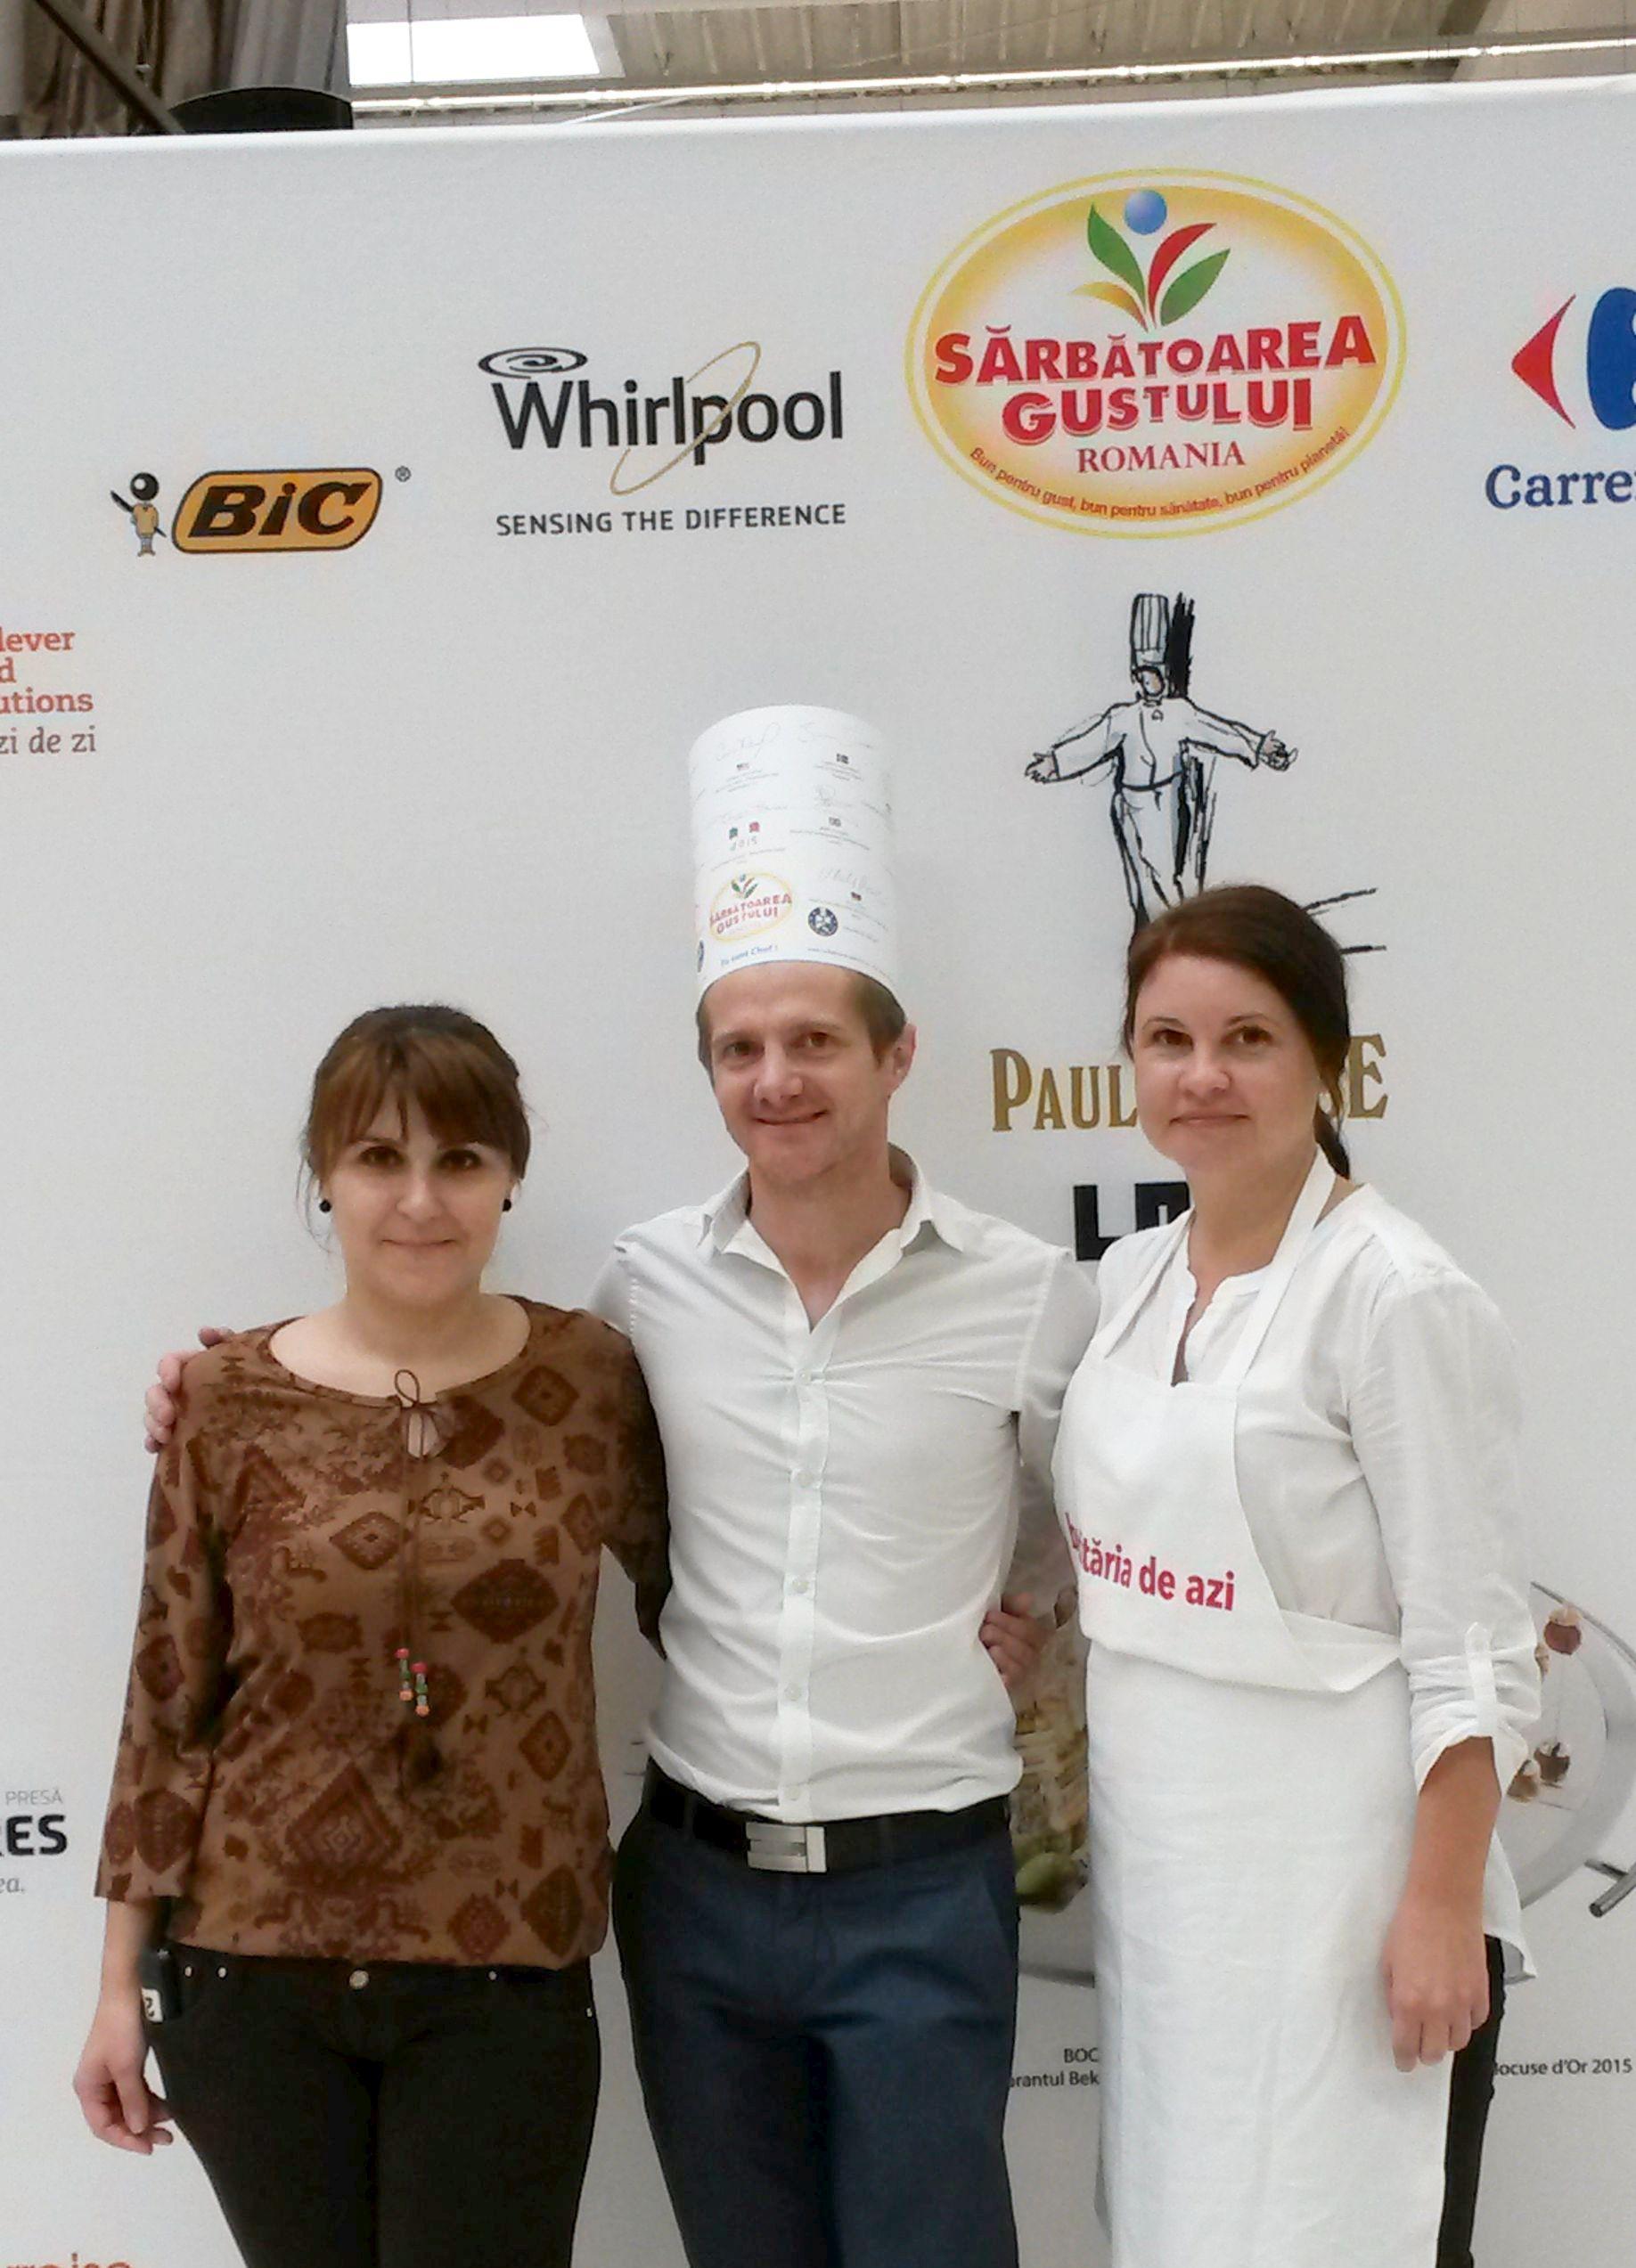 Atelier_Culinar_Sarbatoarea_Gustului_Carrefour_Vulcan_Chef_Cristina_Balan_01